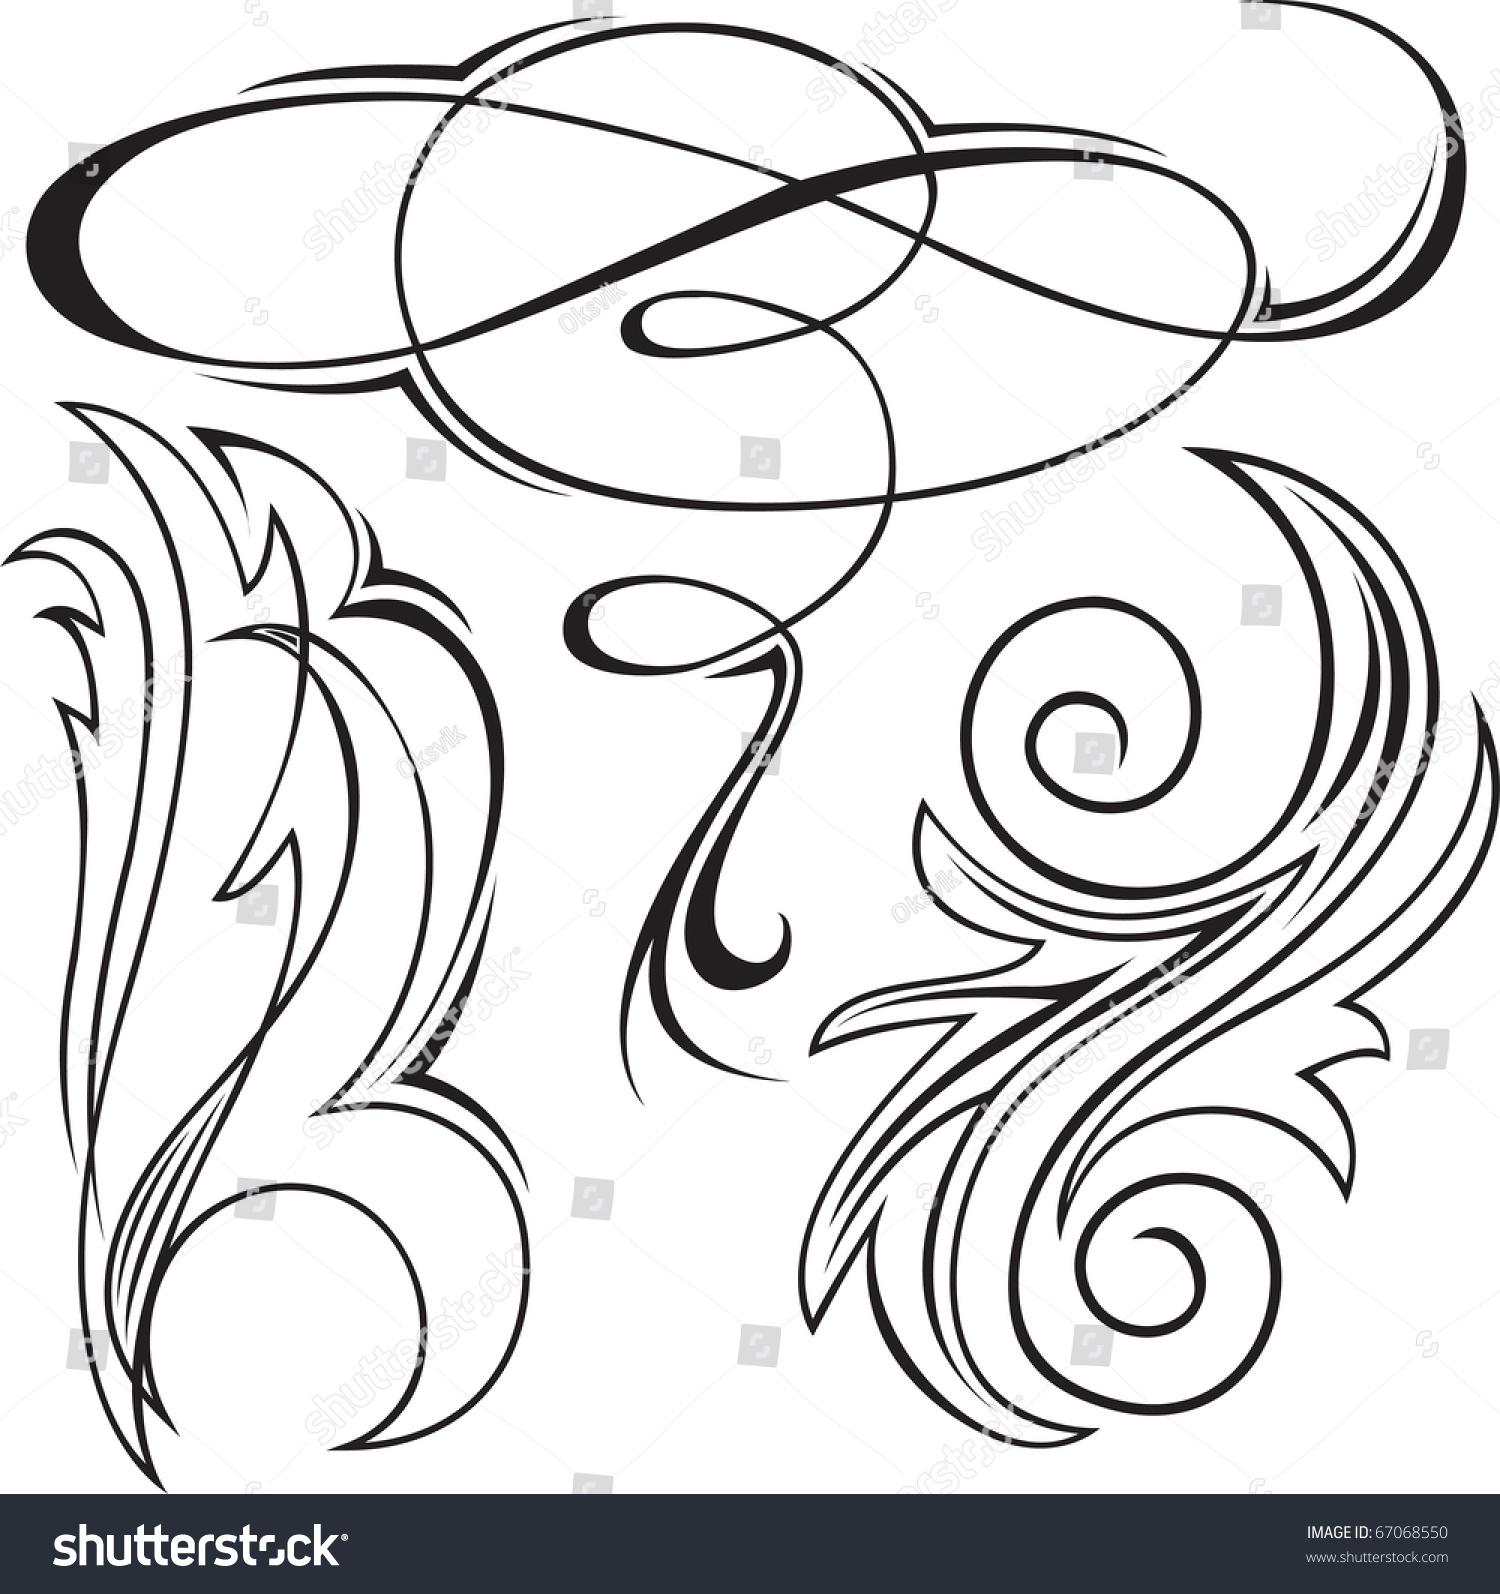 Set Of Black Flower Design Elements Vector Illustration: Vector Illustration Set Swirling Decorative Floral Stock